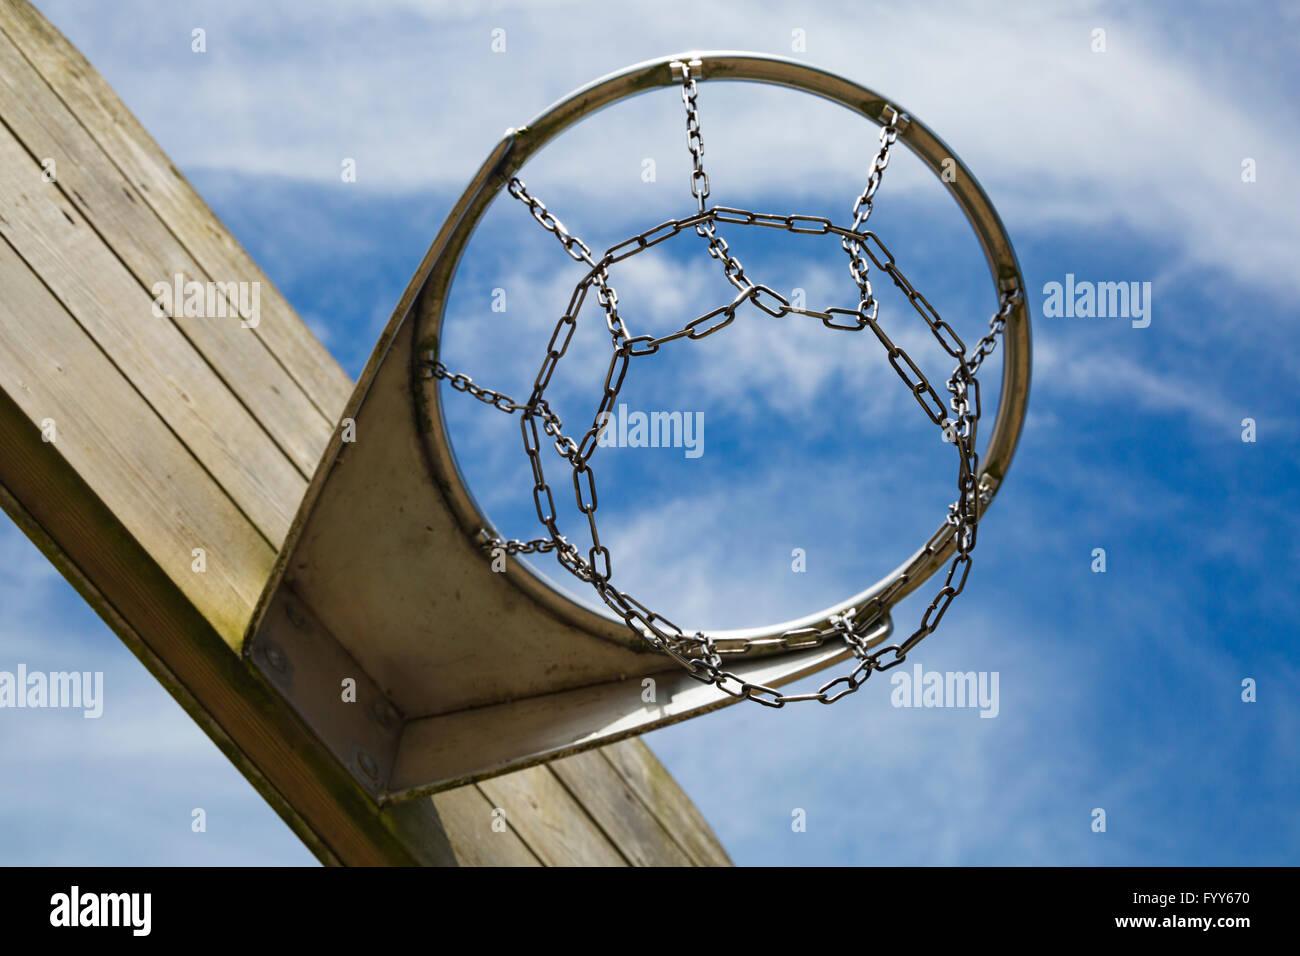 Buscando en el baloncesto o el aro de baloncesto Imagen De Stock